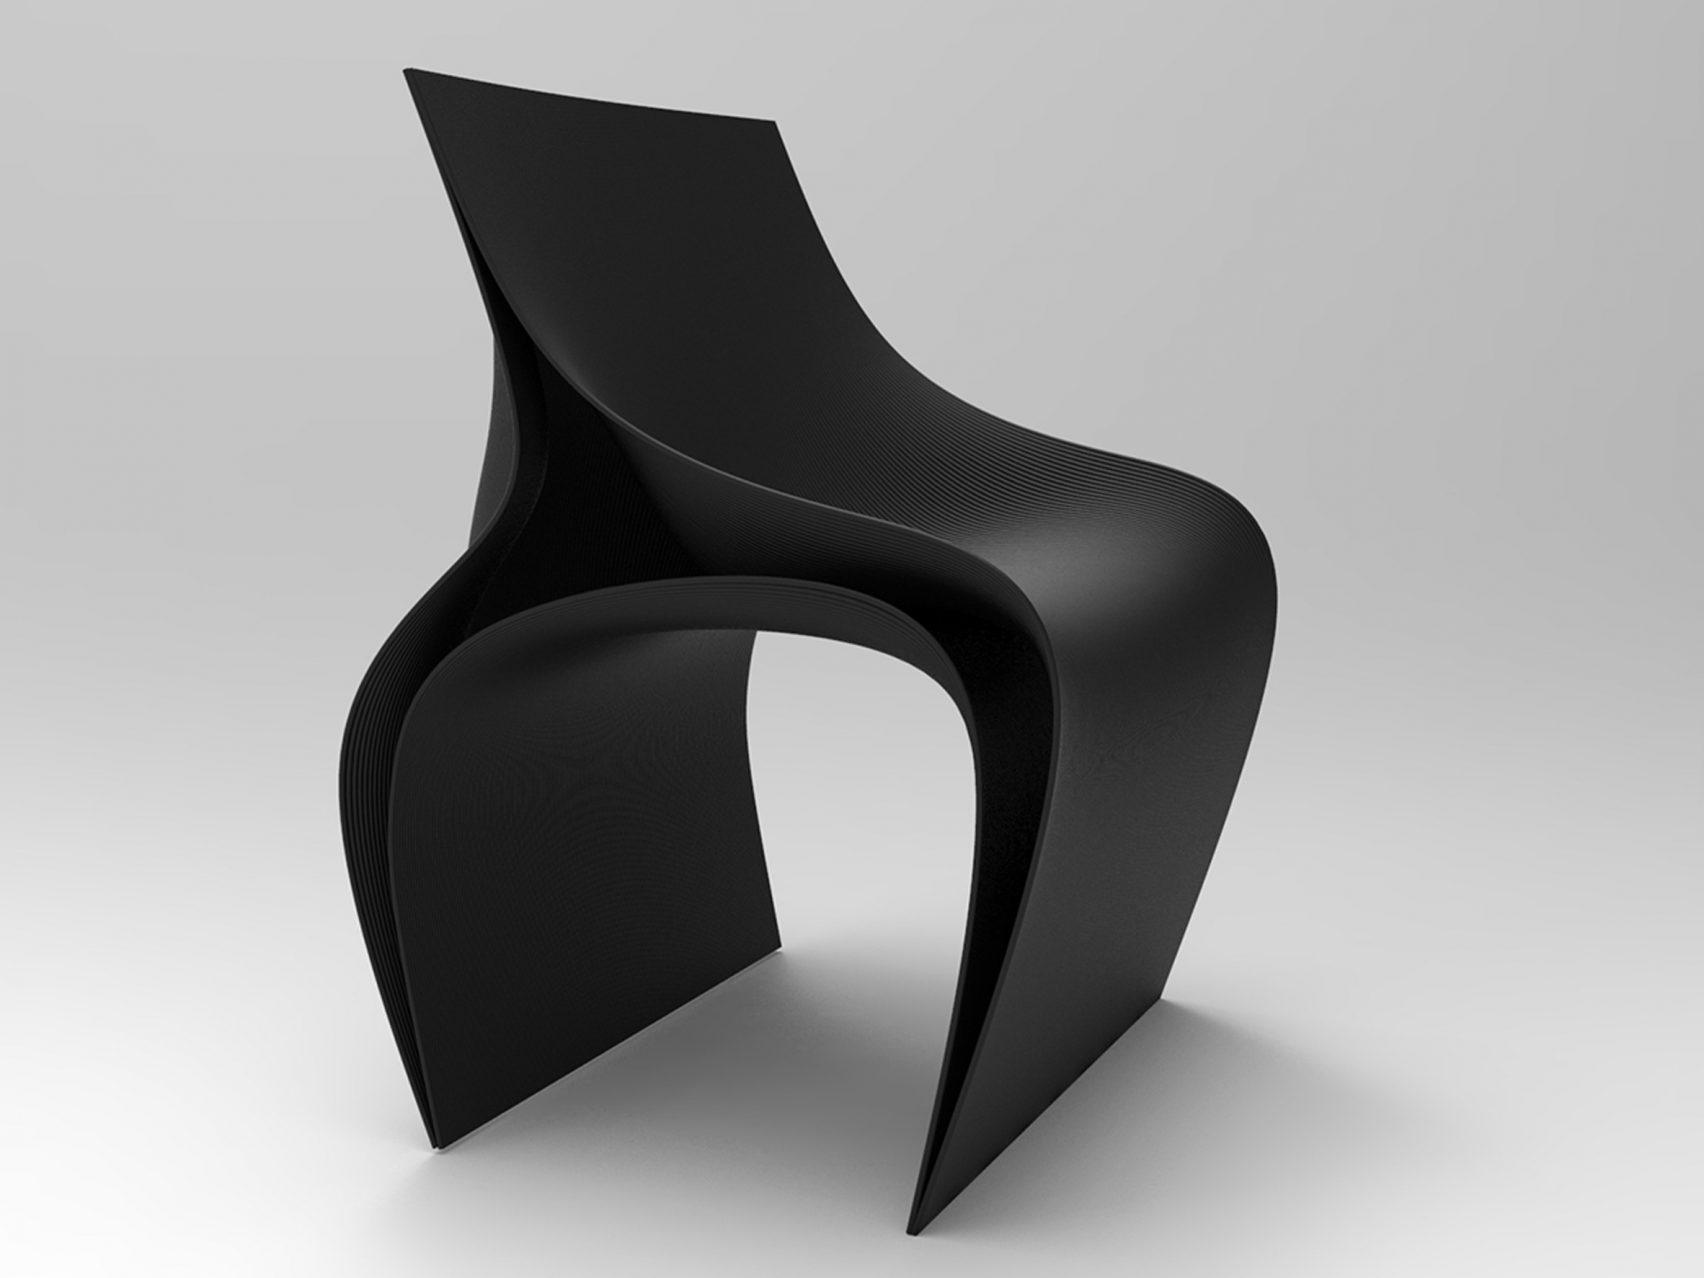 La sedia stampata in 3D di Daniel Widrig è composta da tre pezzi di plastica PLA